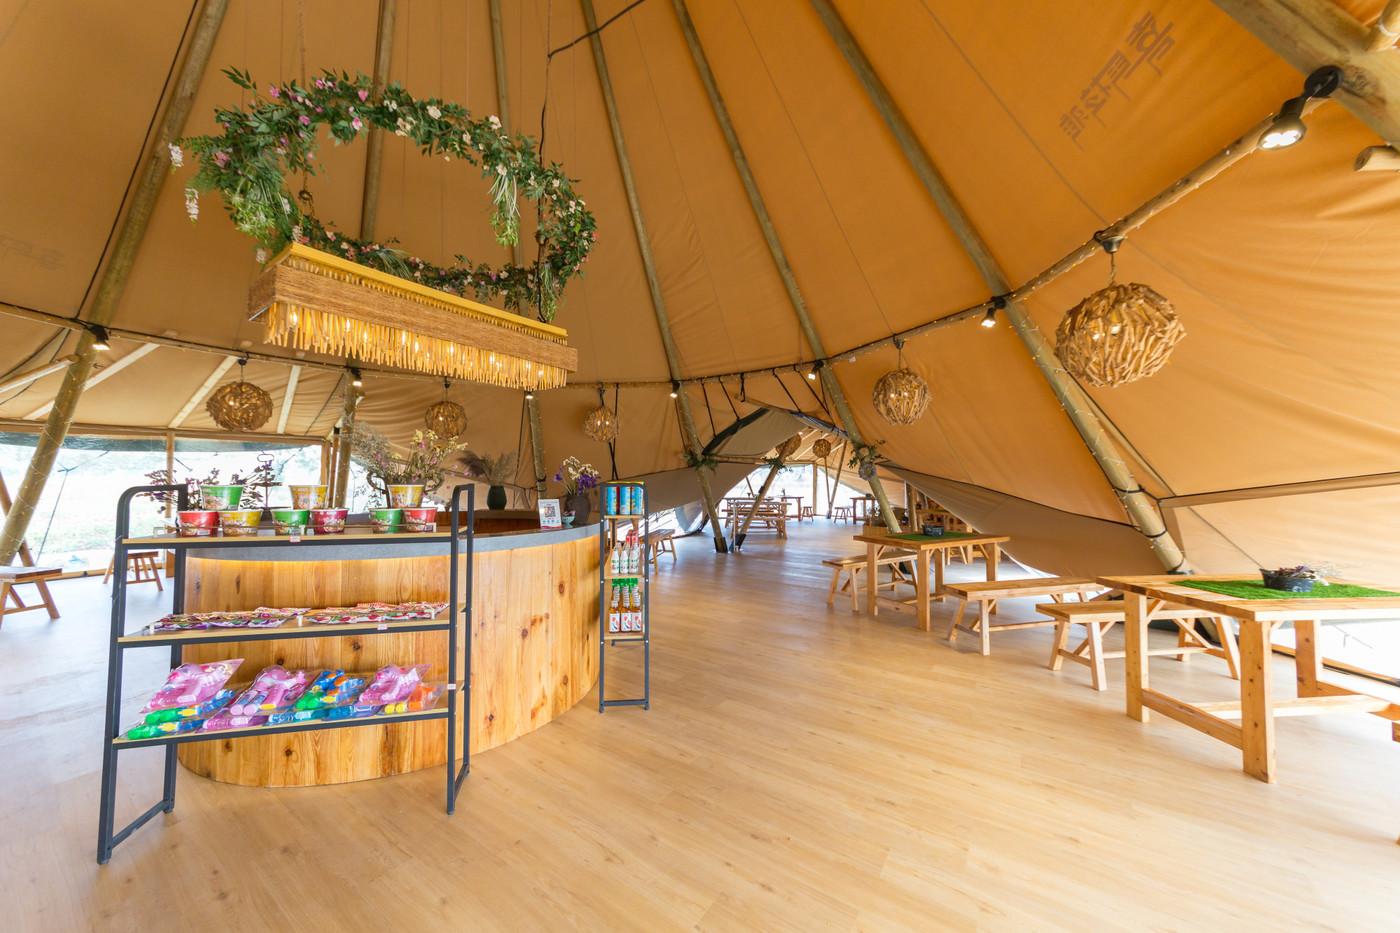 喜马拉雅印第安多功能大厅—淮安白马湖生态旅游度假区23